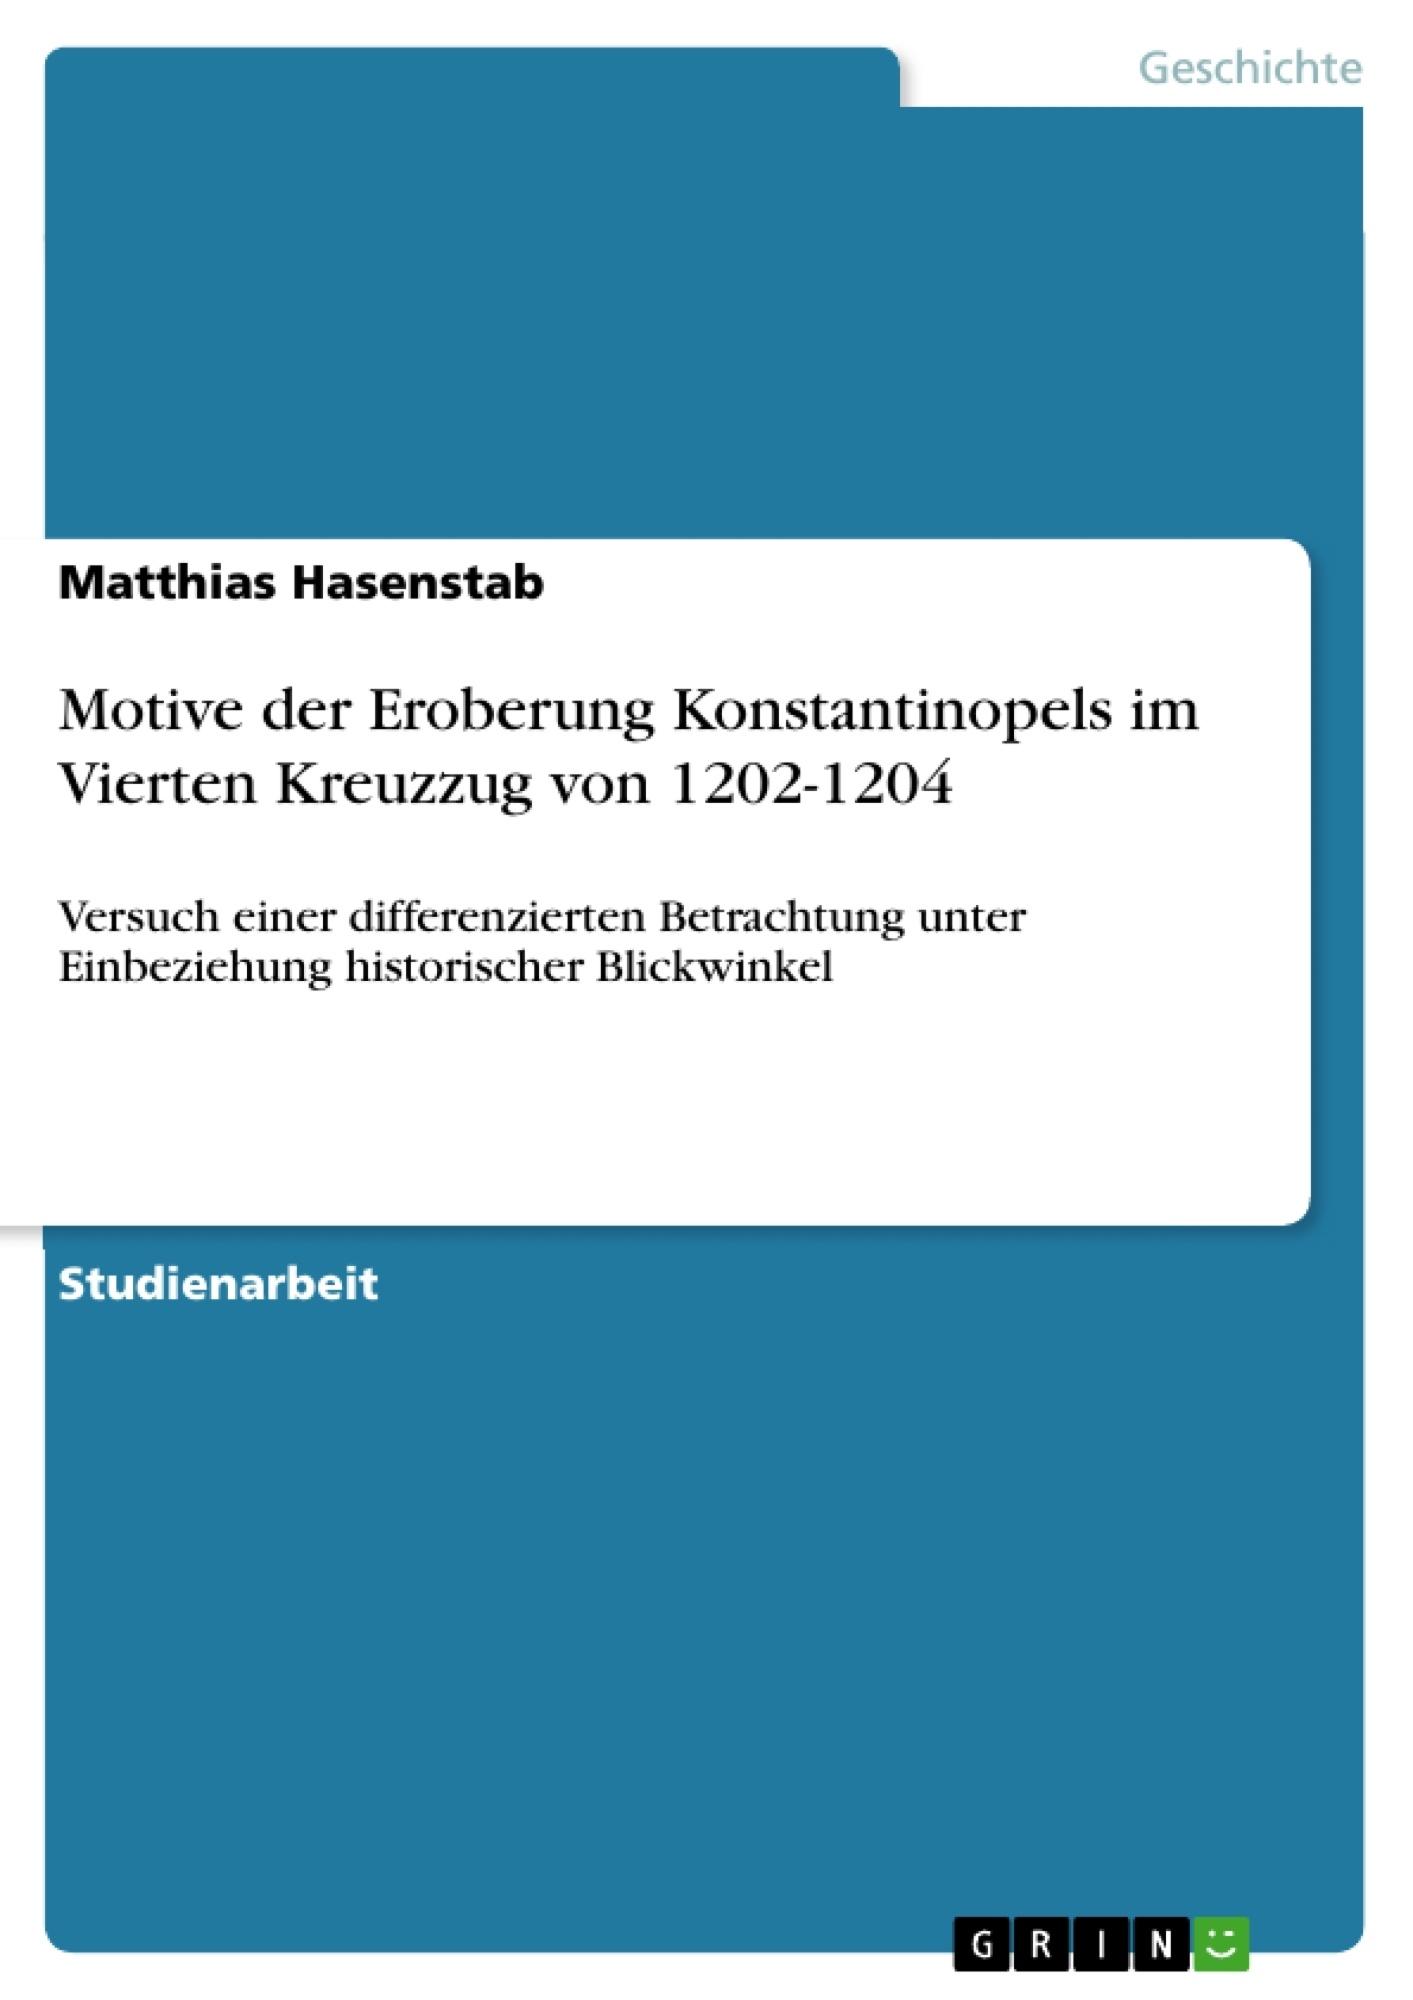 Titel: Motive der Eroberung Konstantinopels im Vierten Kreuzzug von 1202-1204